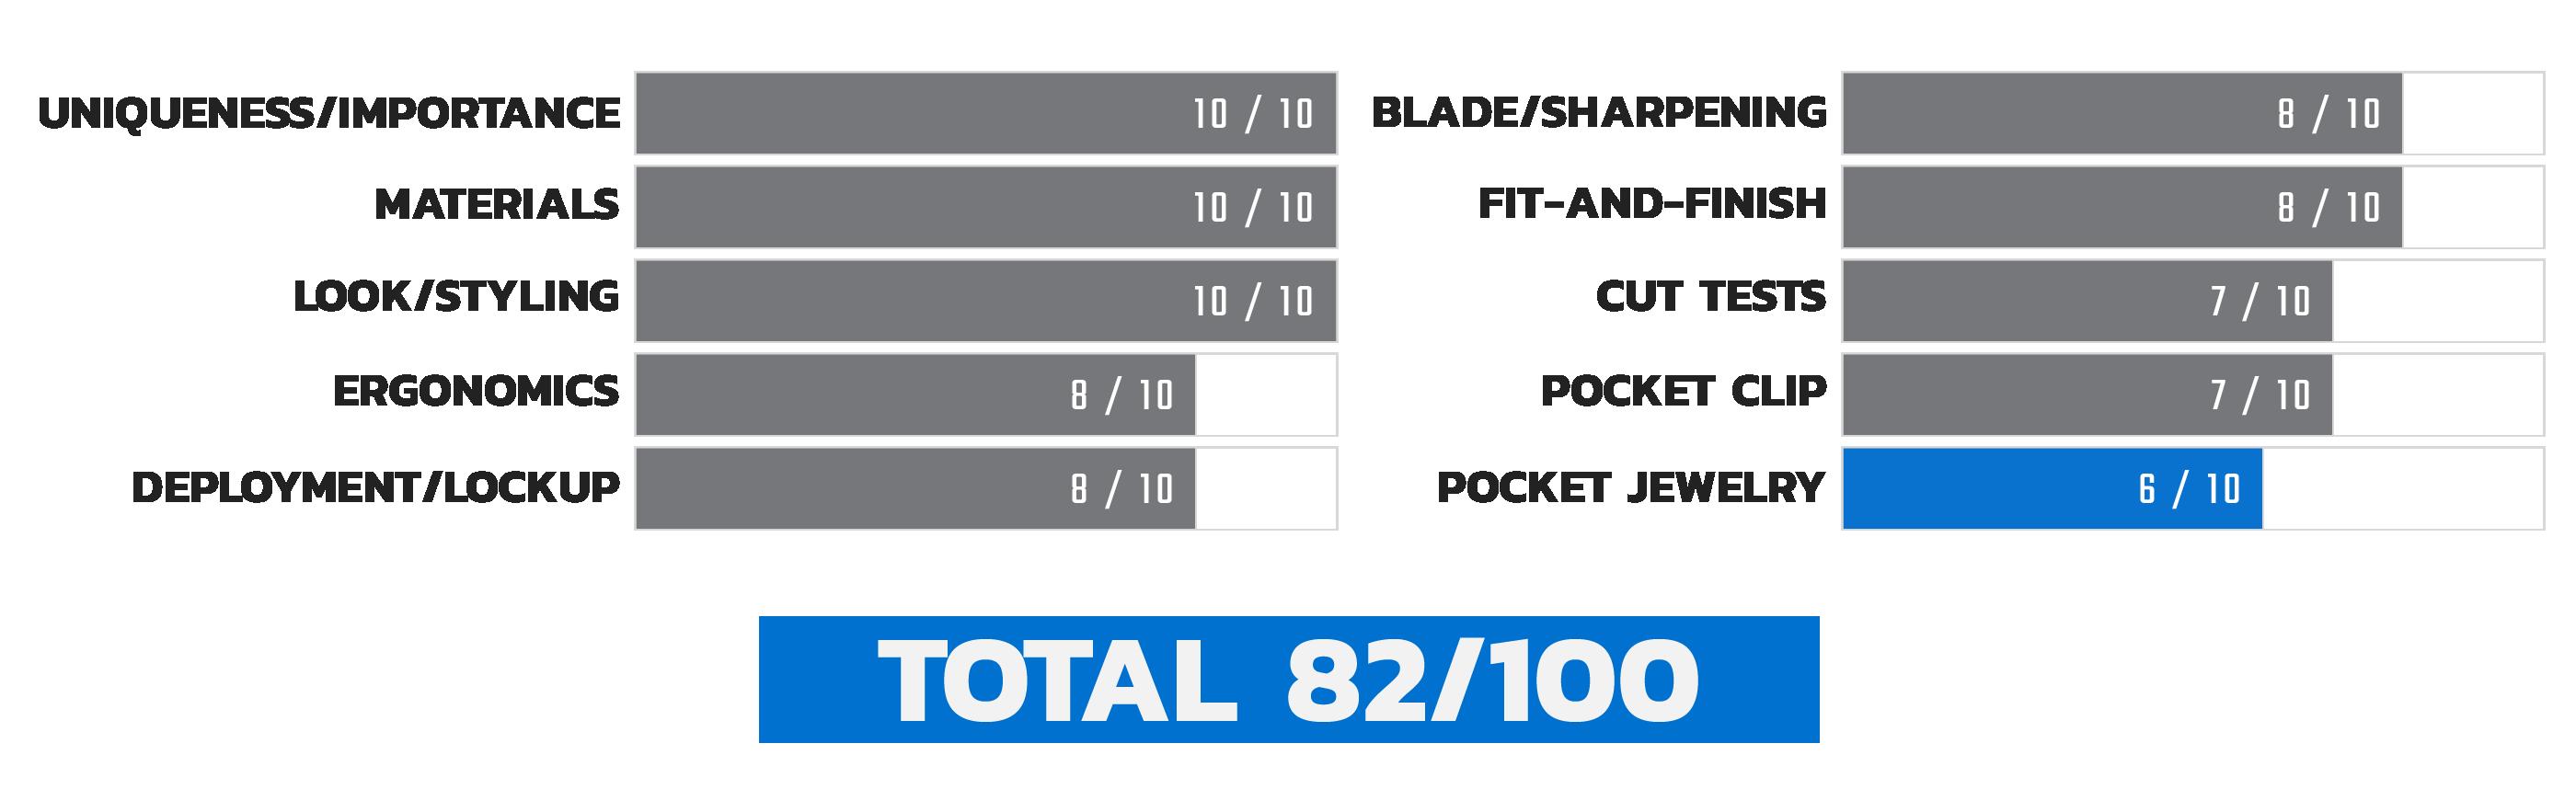 Launch 4 Pocket Jewelry Score Chart